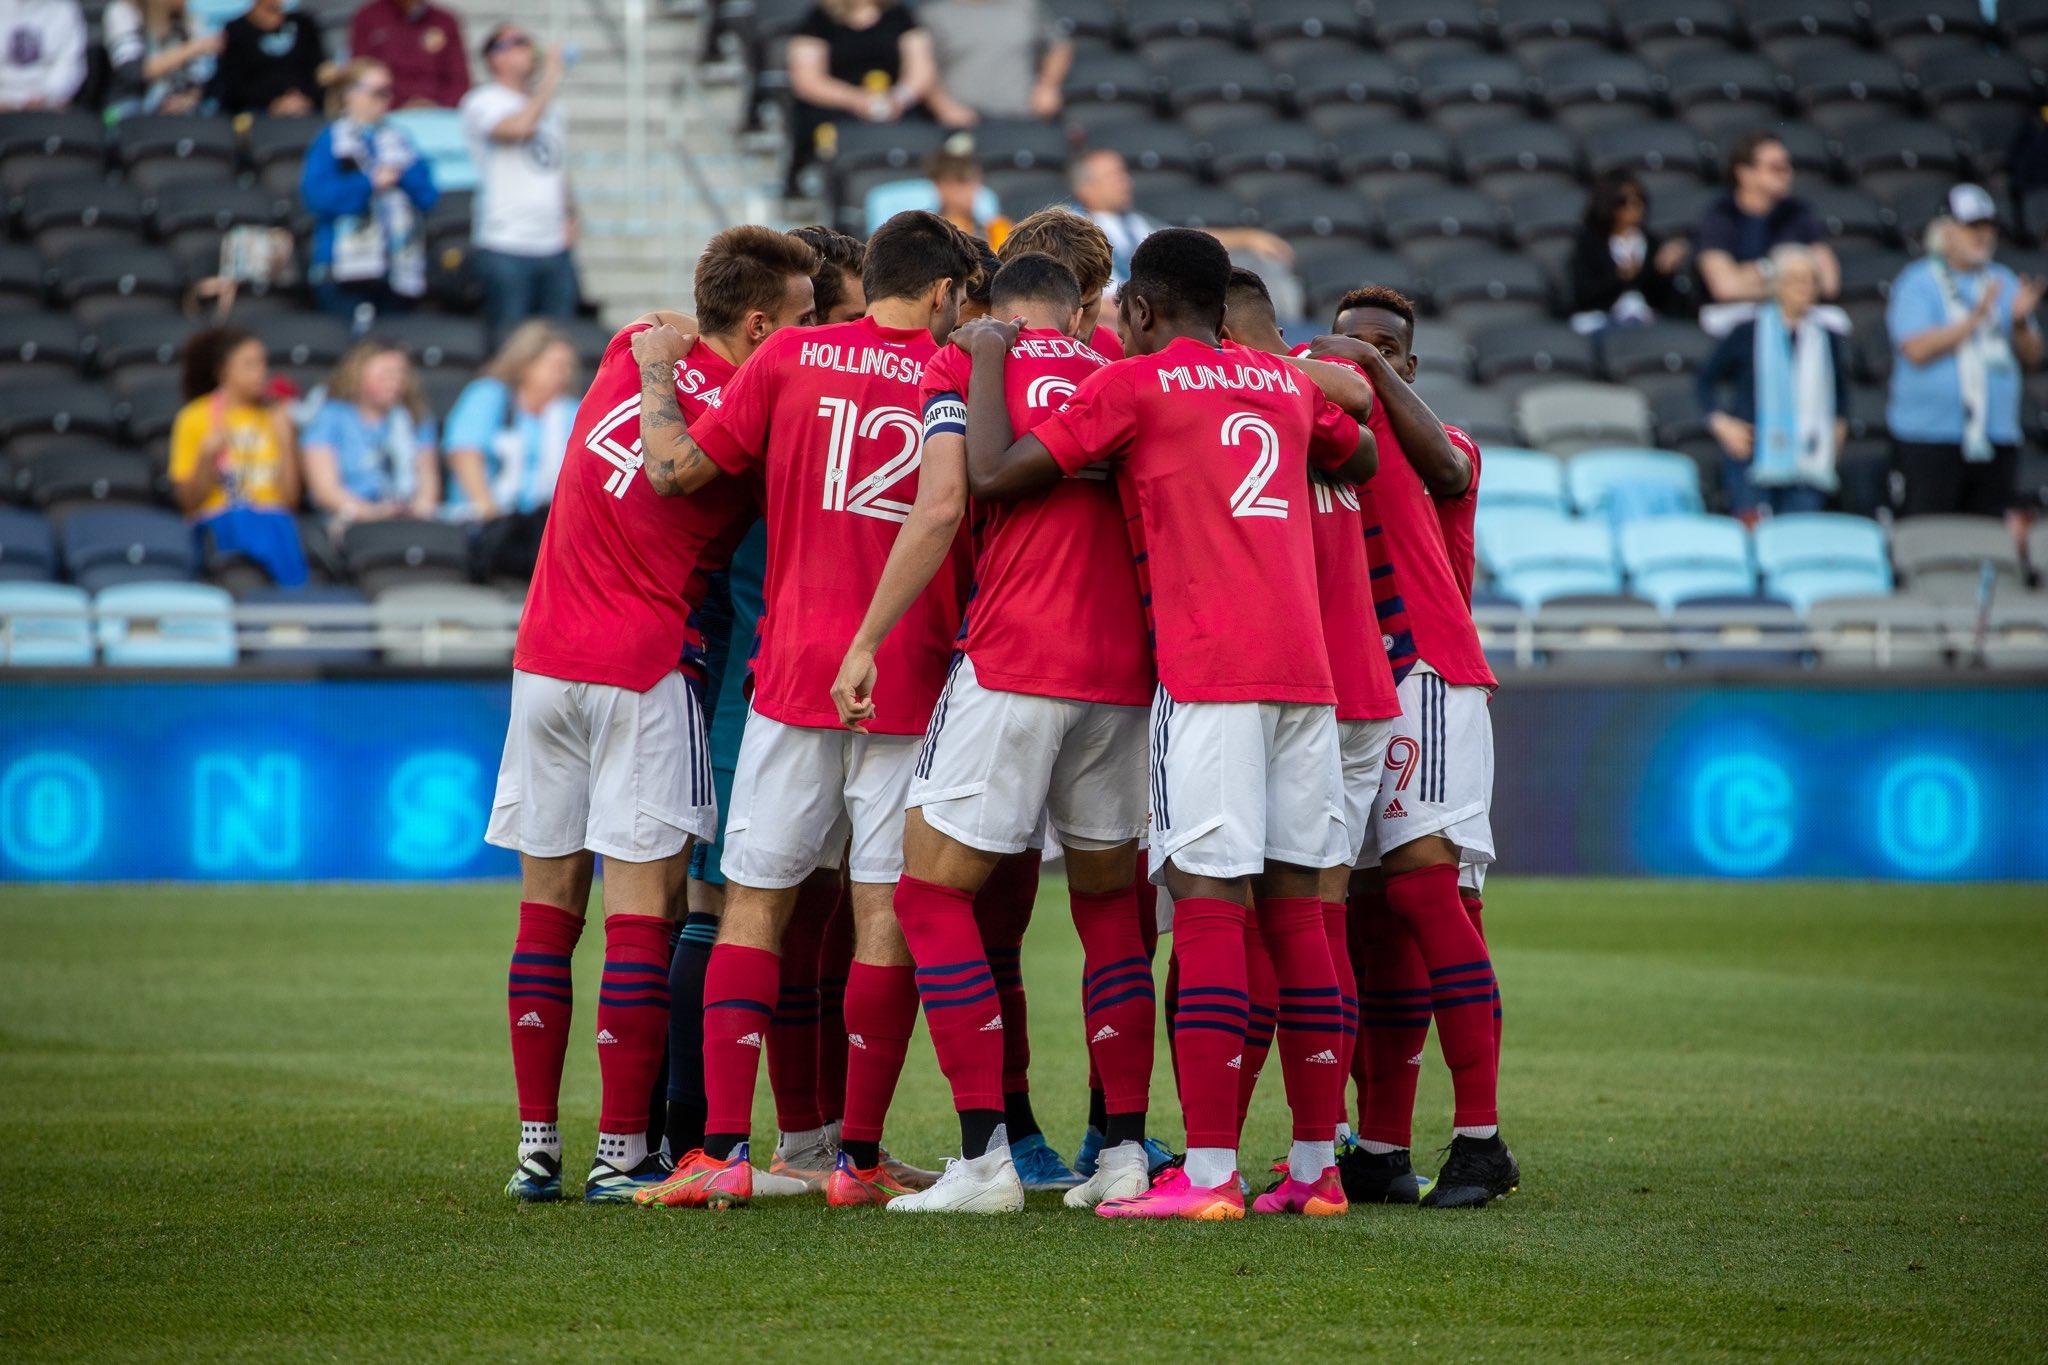 FC Dallas cayó hasta el último puesto de la clasificación